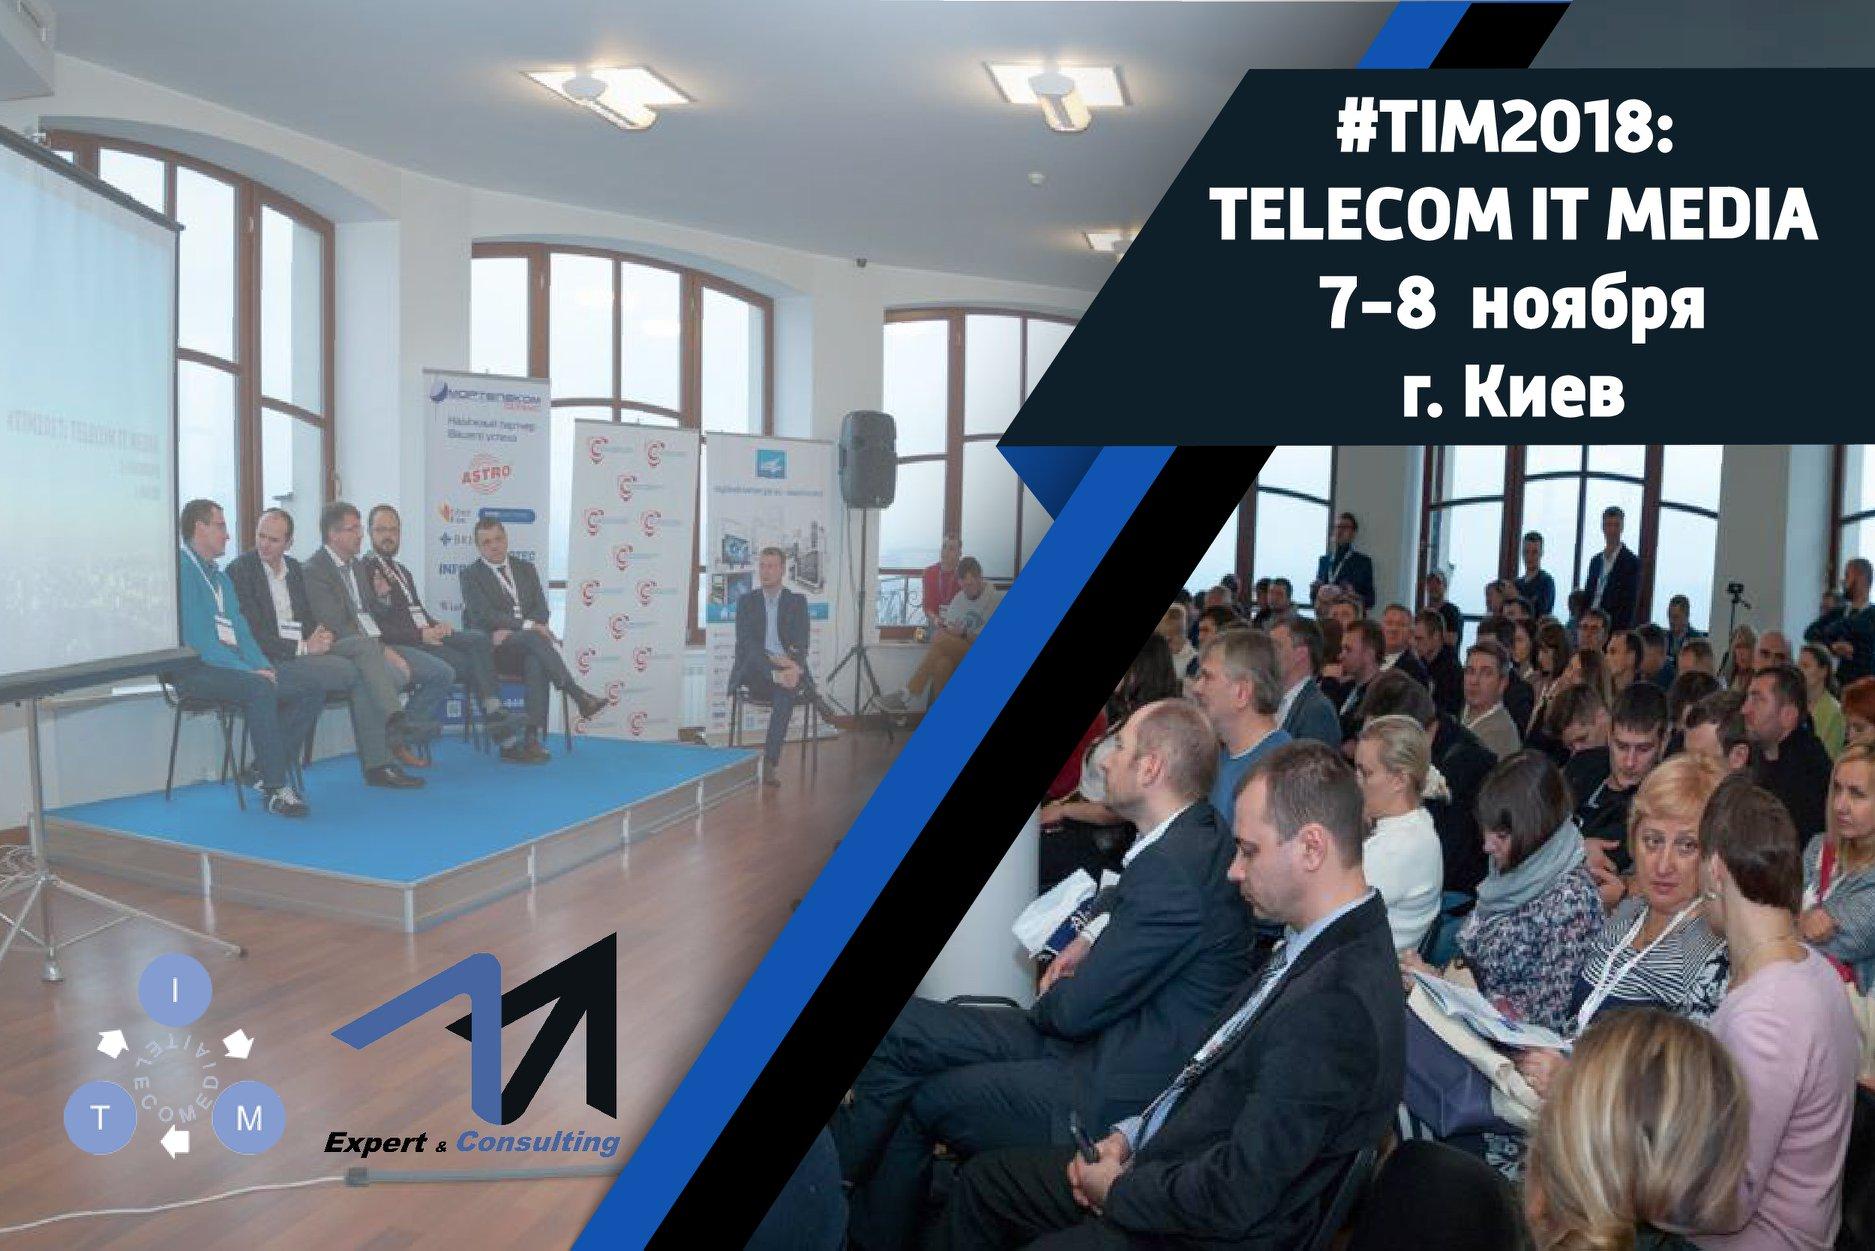 Телекомпалата України запрошує до участі в #TIM2018: TELECOM, IT, MEDIA